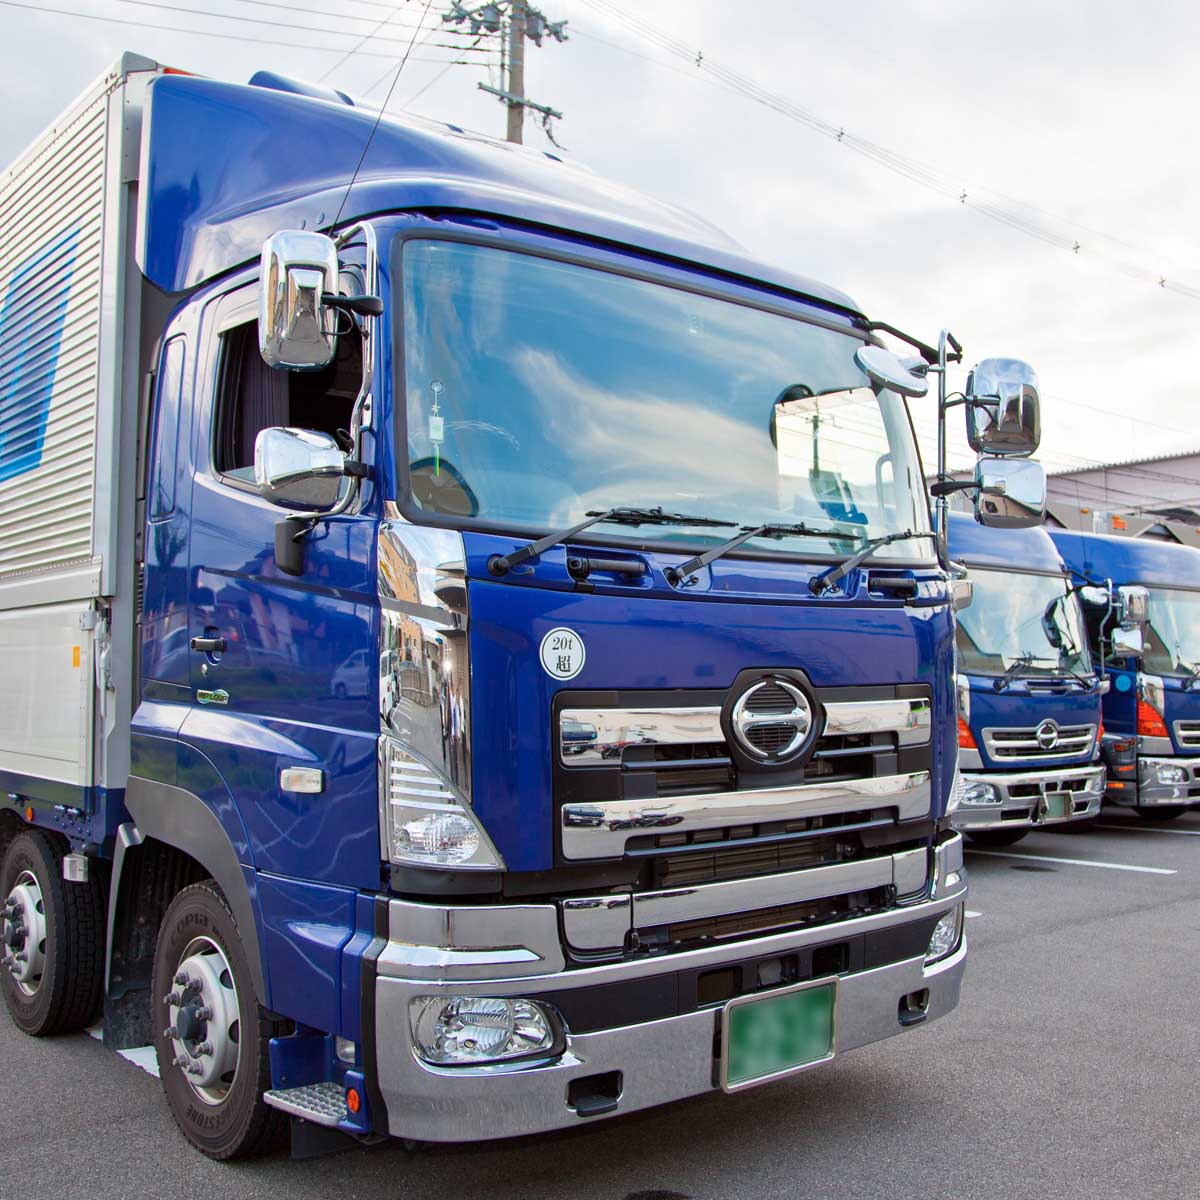 京都物流センター(KDC)駐車場に並ぶトラック